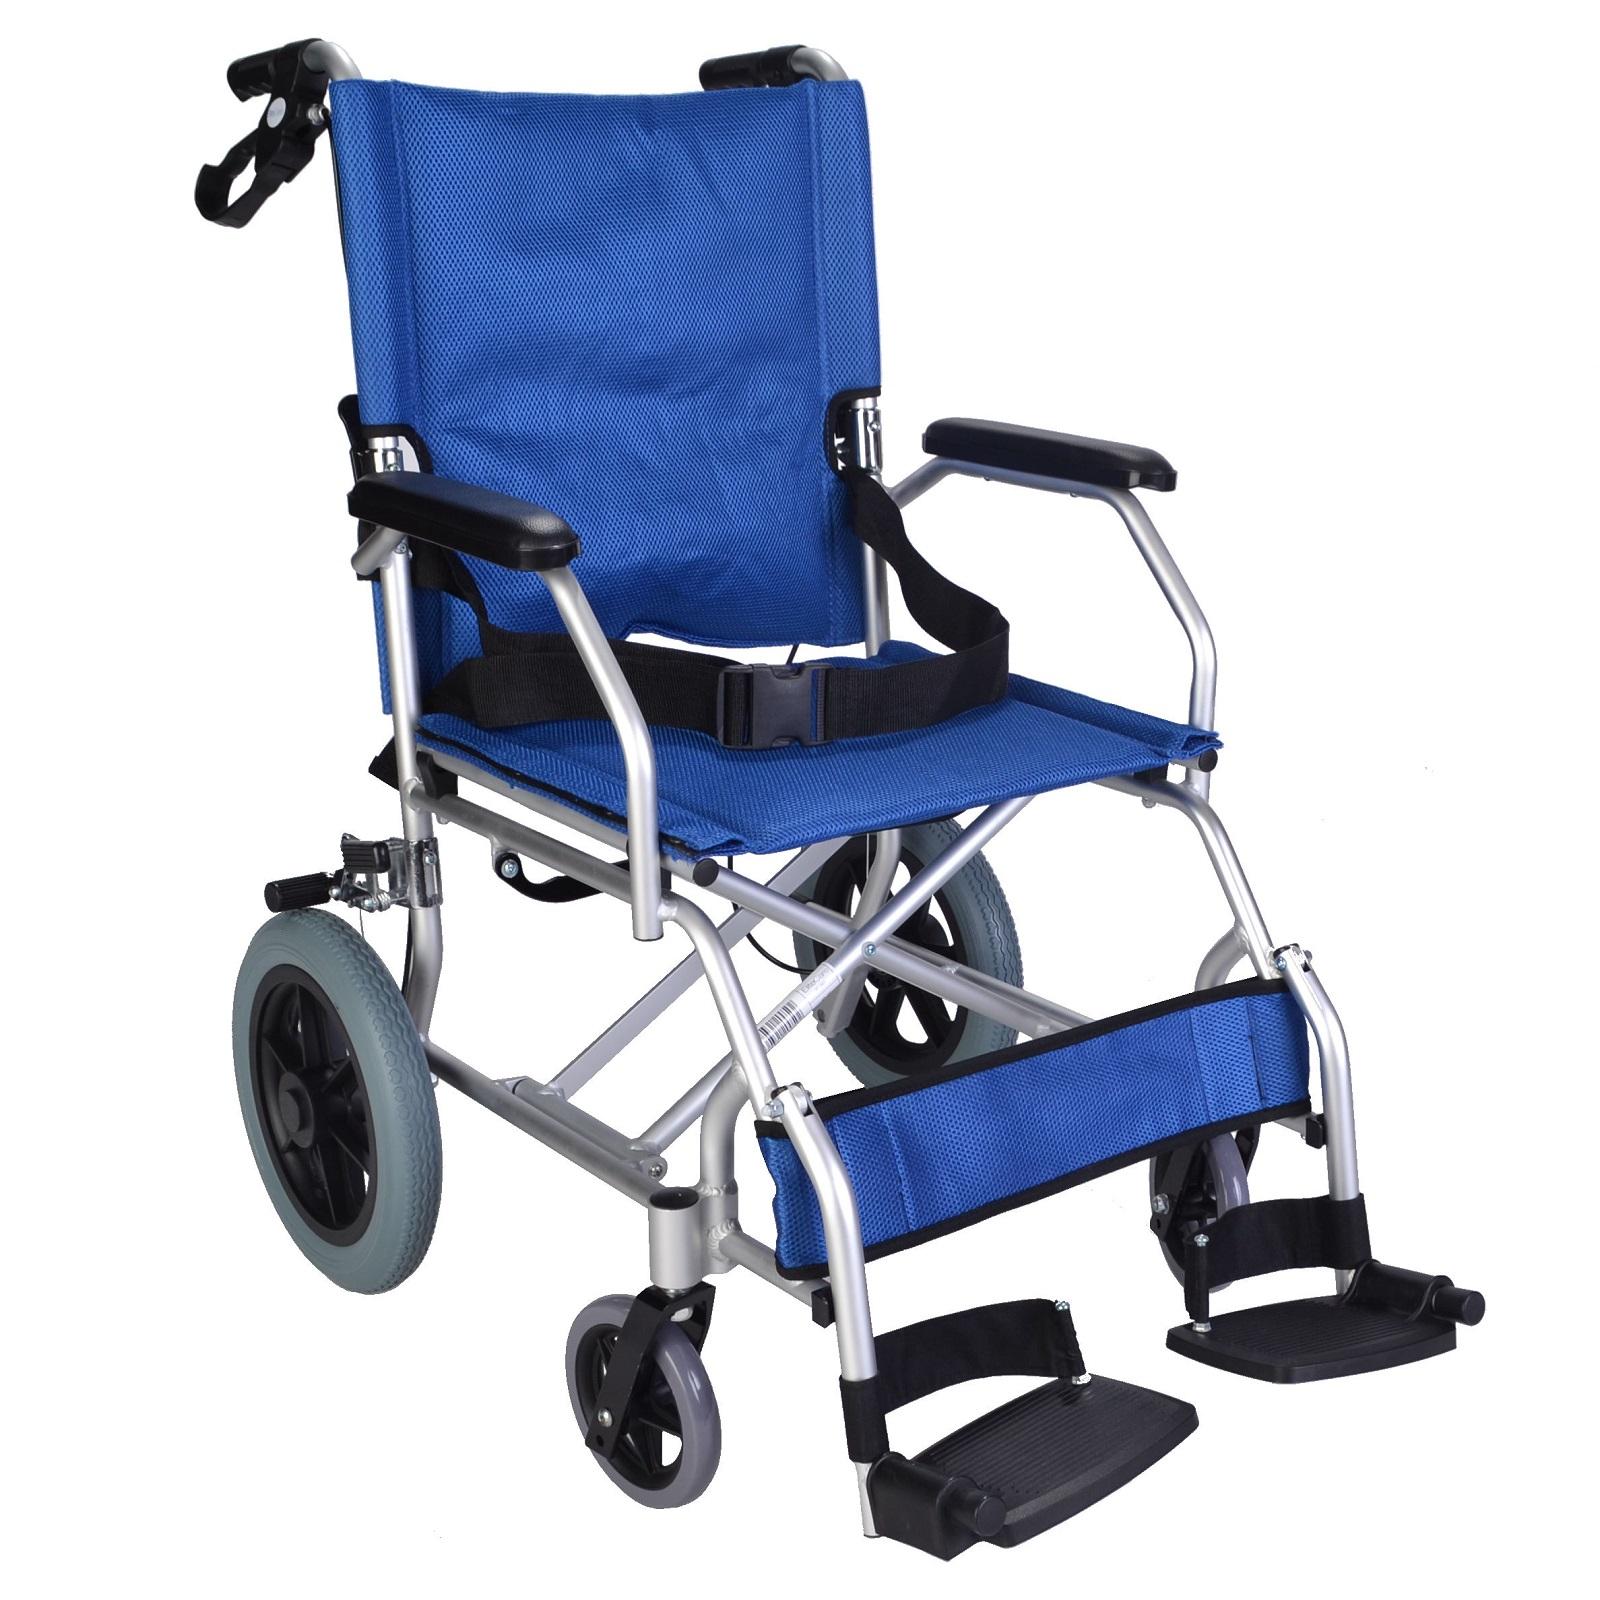 EC1863 Wheelchair